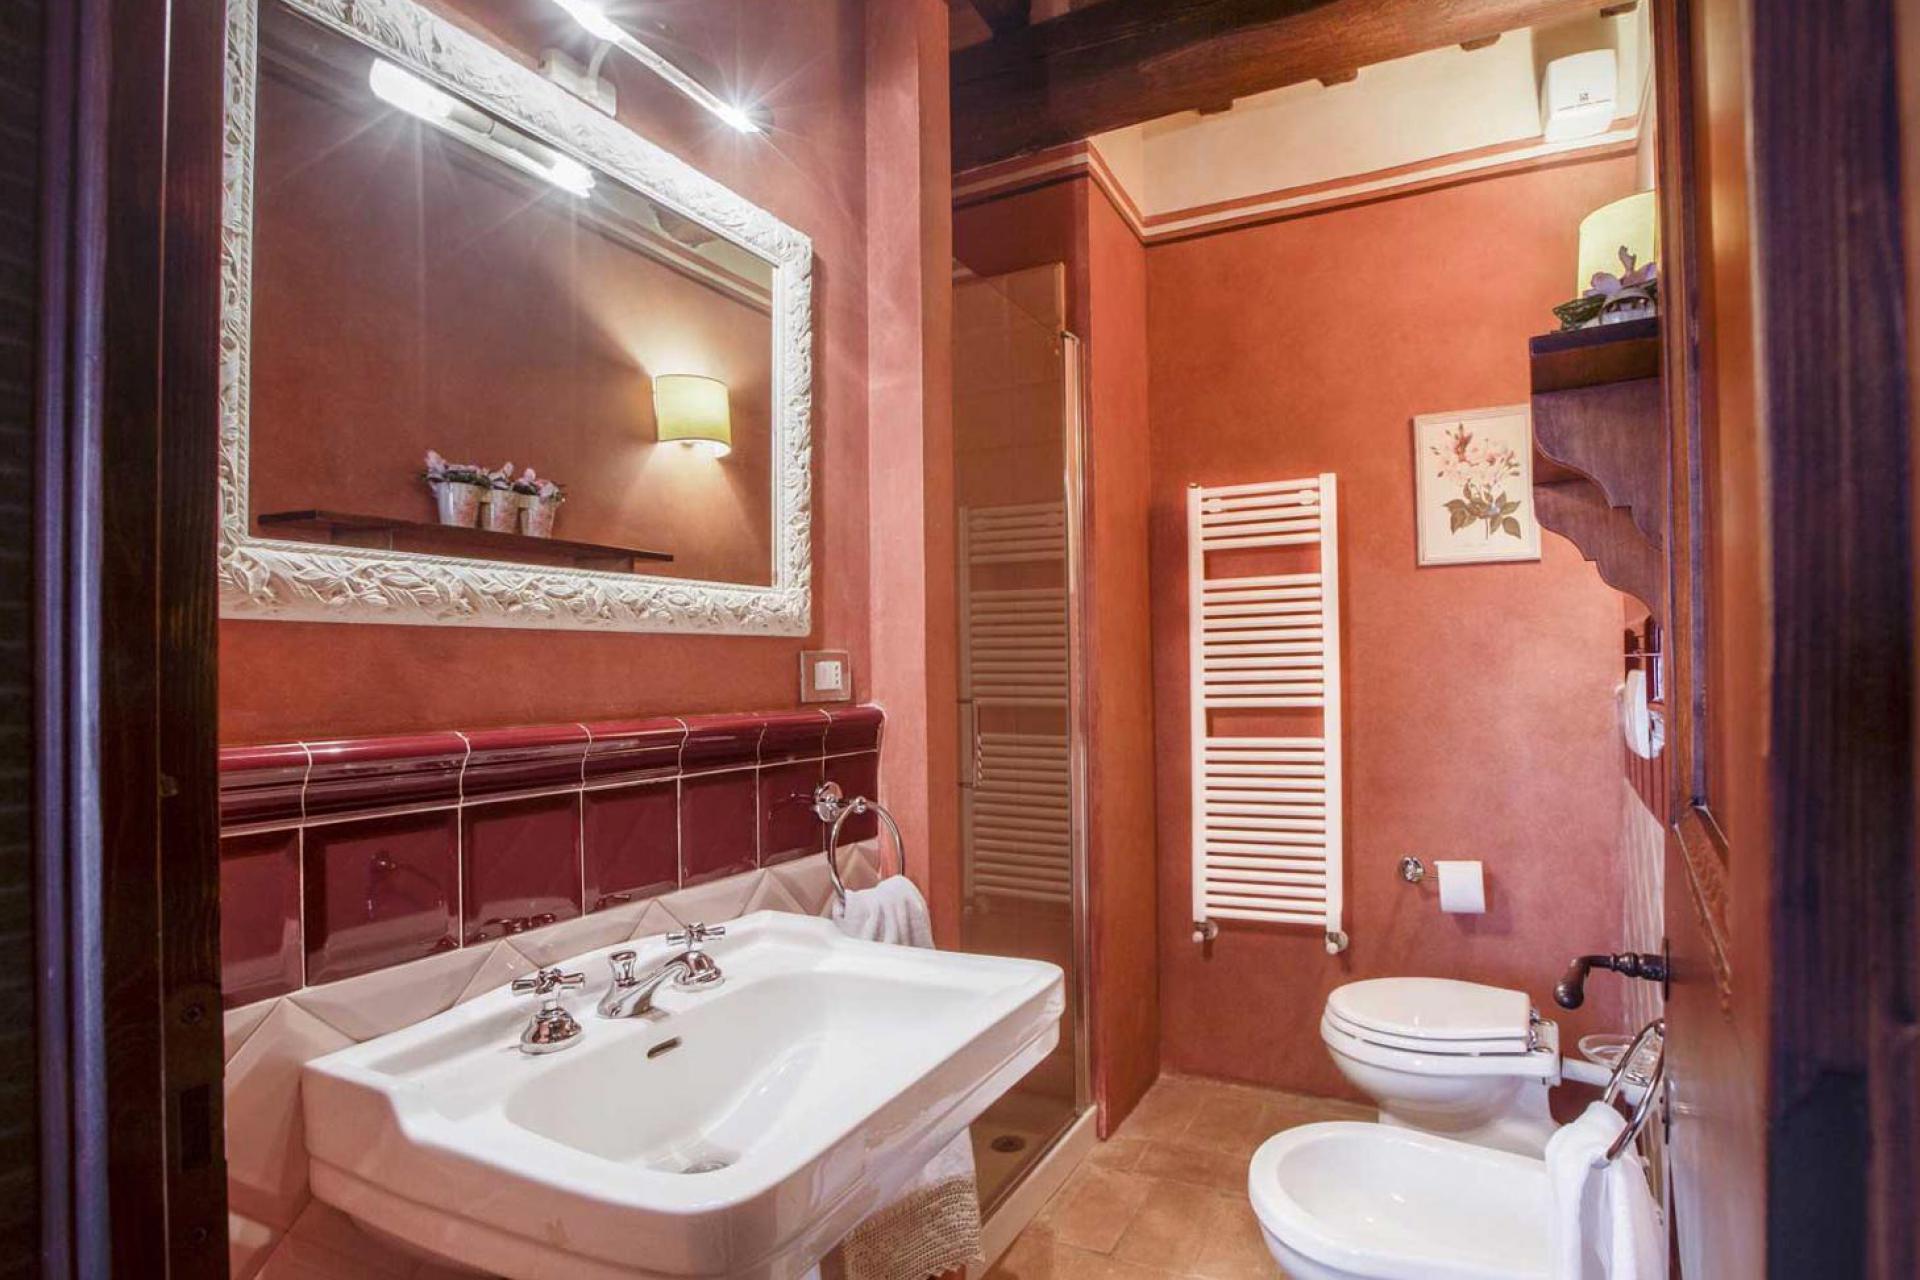 3. Kindvriendelijke appartementen in Toscane